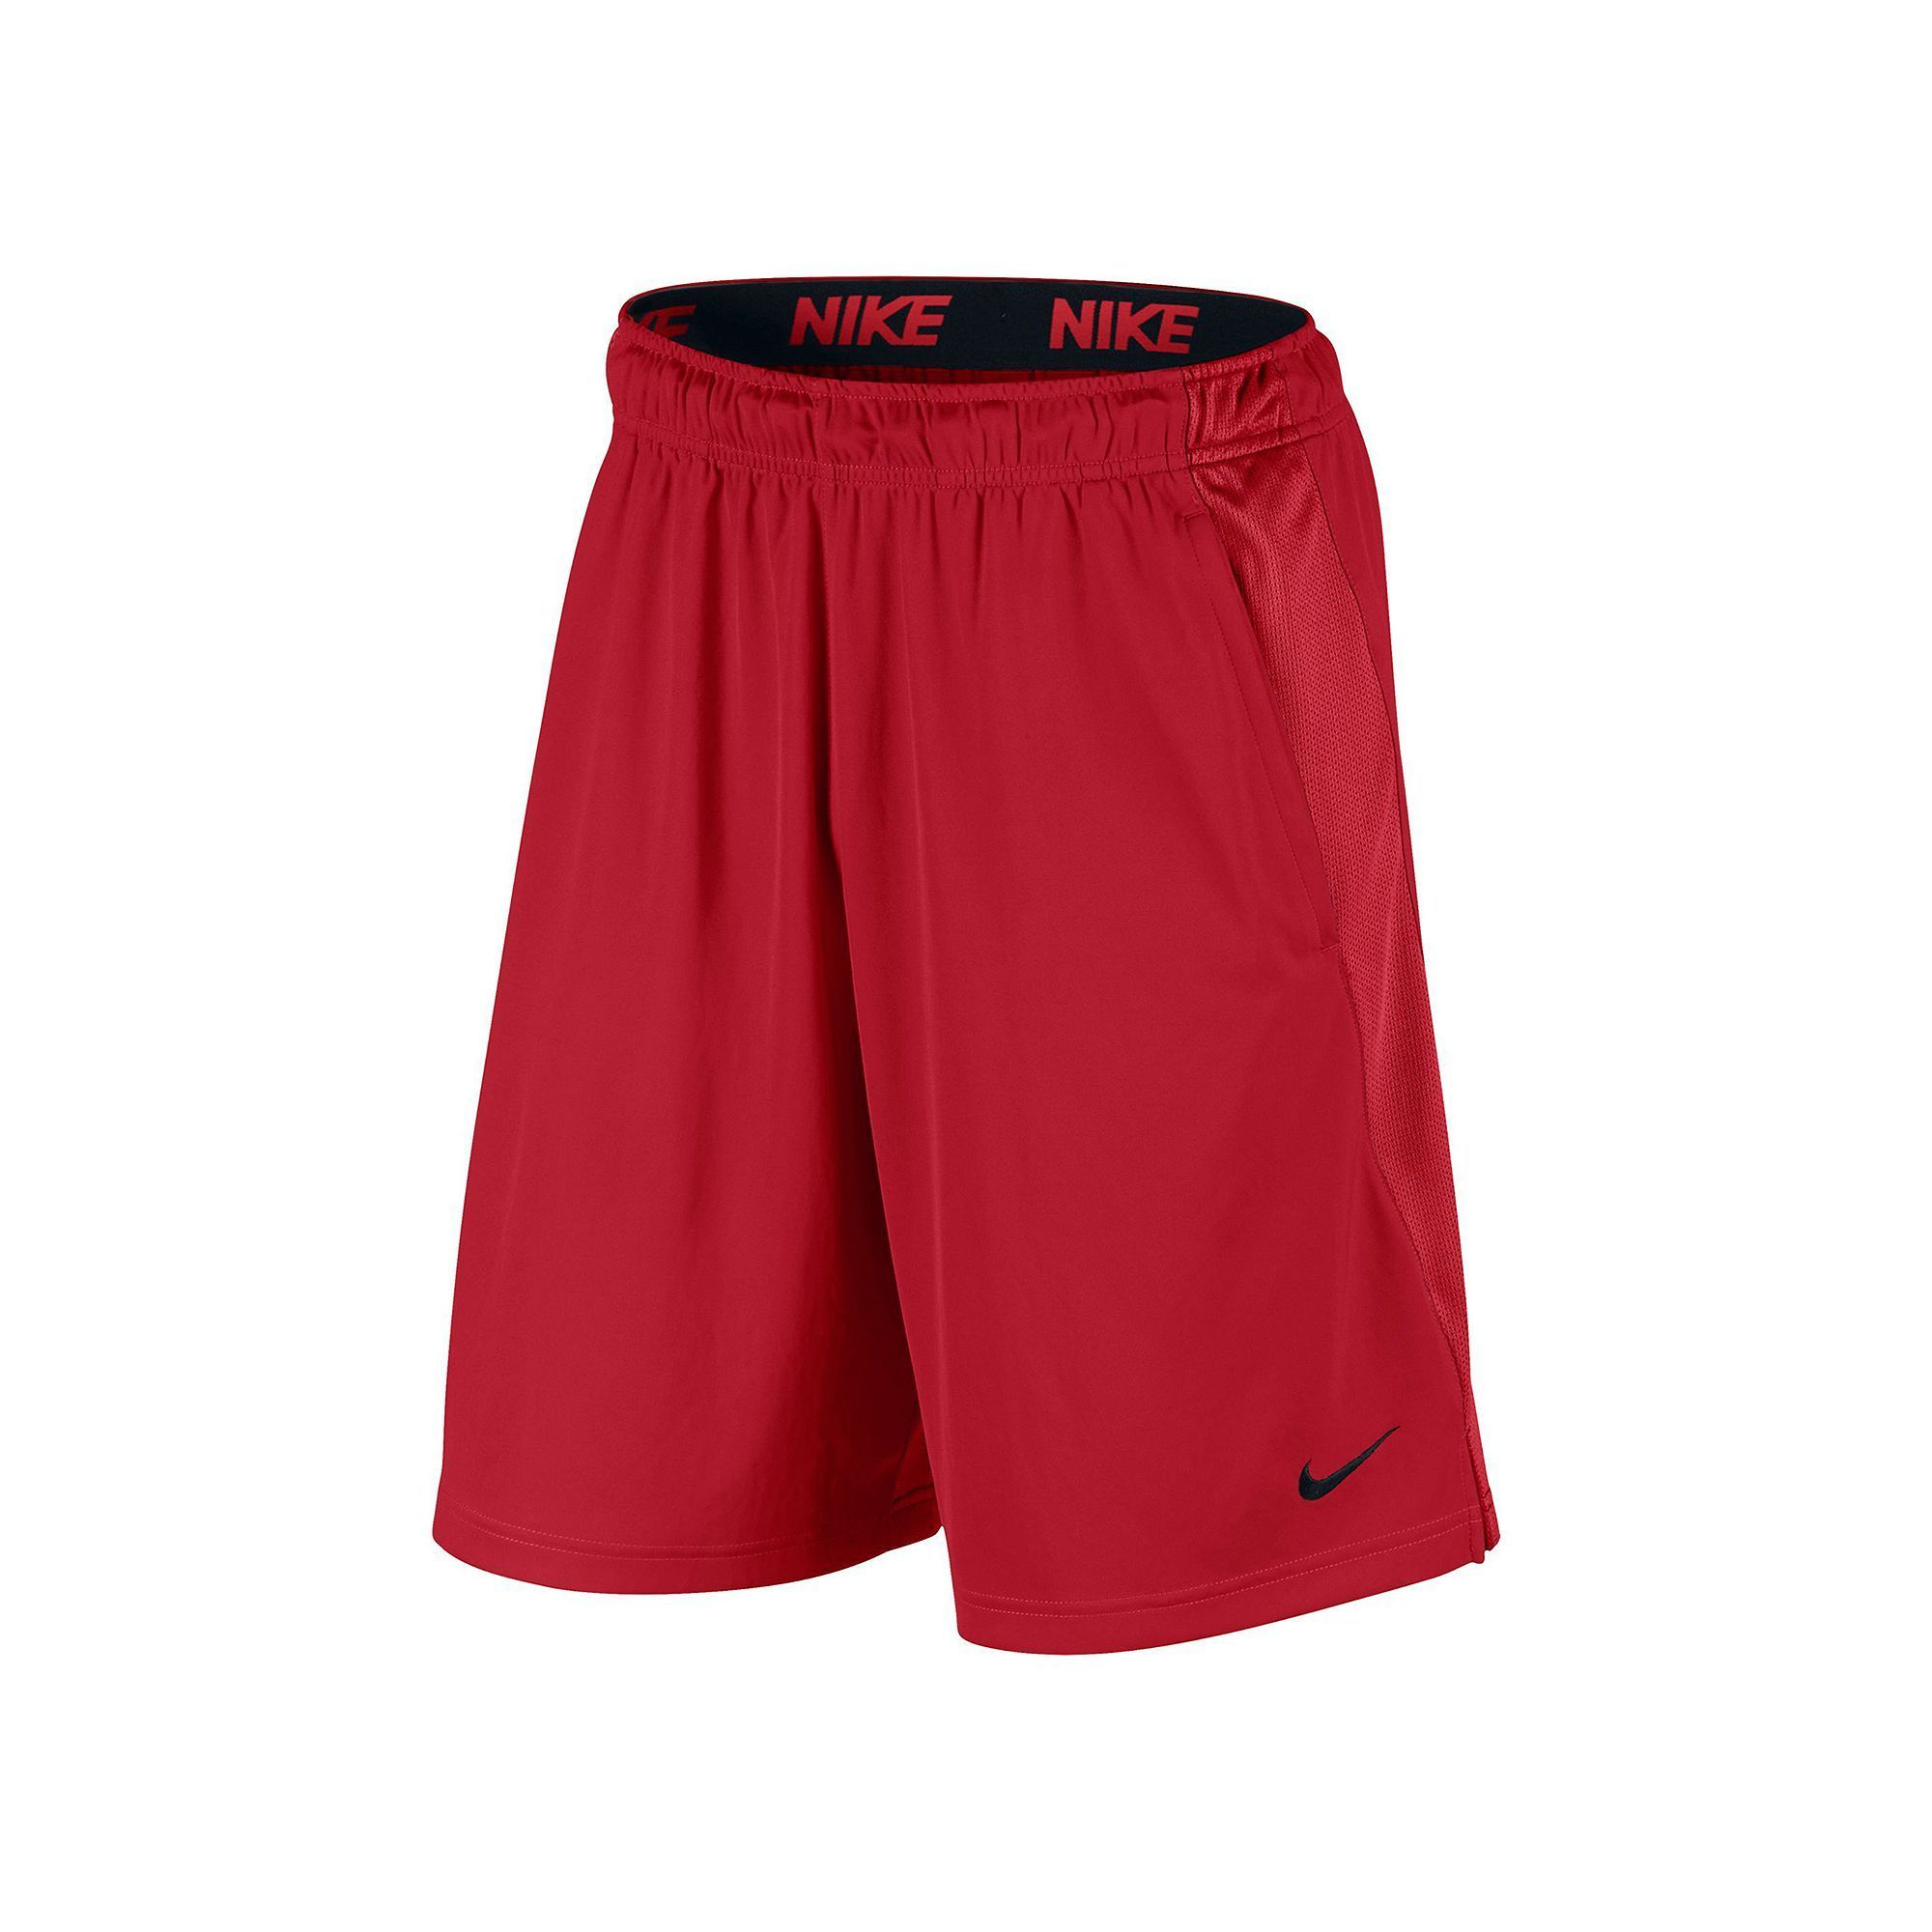 0f03902e48f41 Mens Nike Clothes Jcpenney | Kuenzi Turf & Nursery